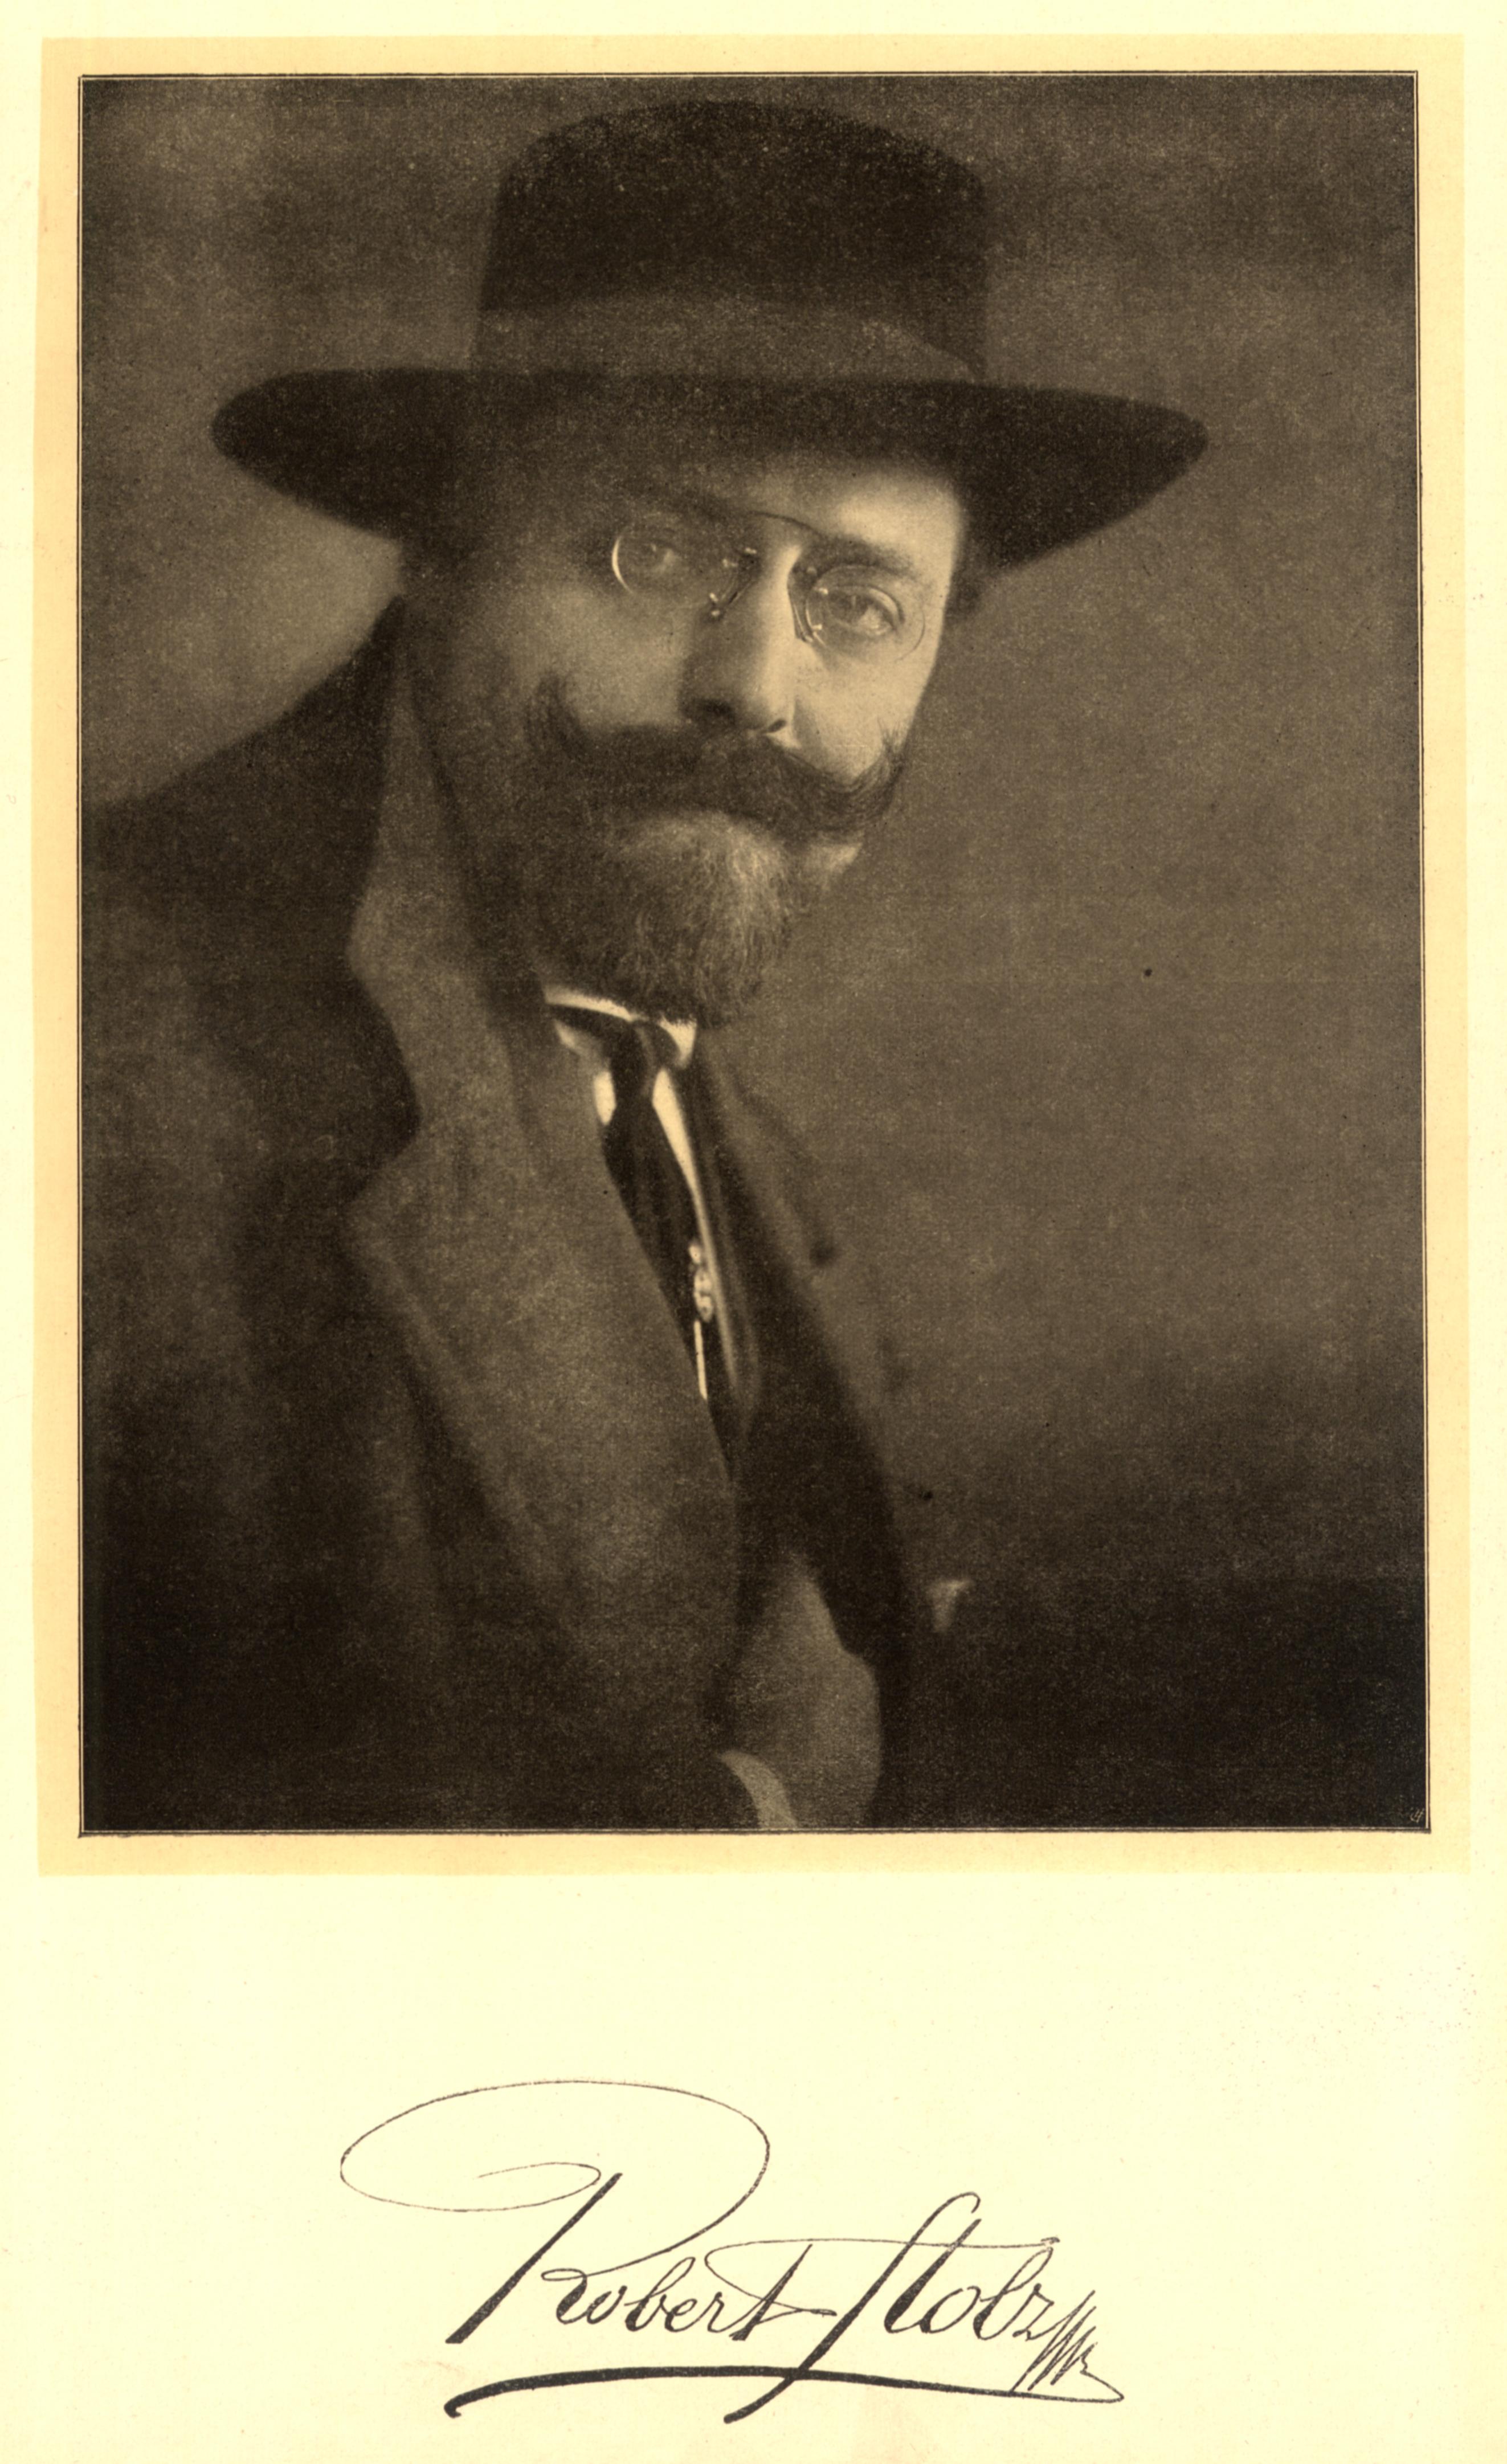 Robert Stolz in 1915